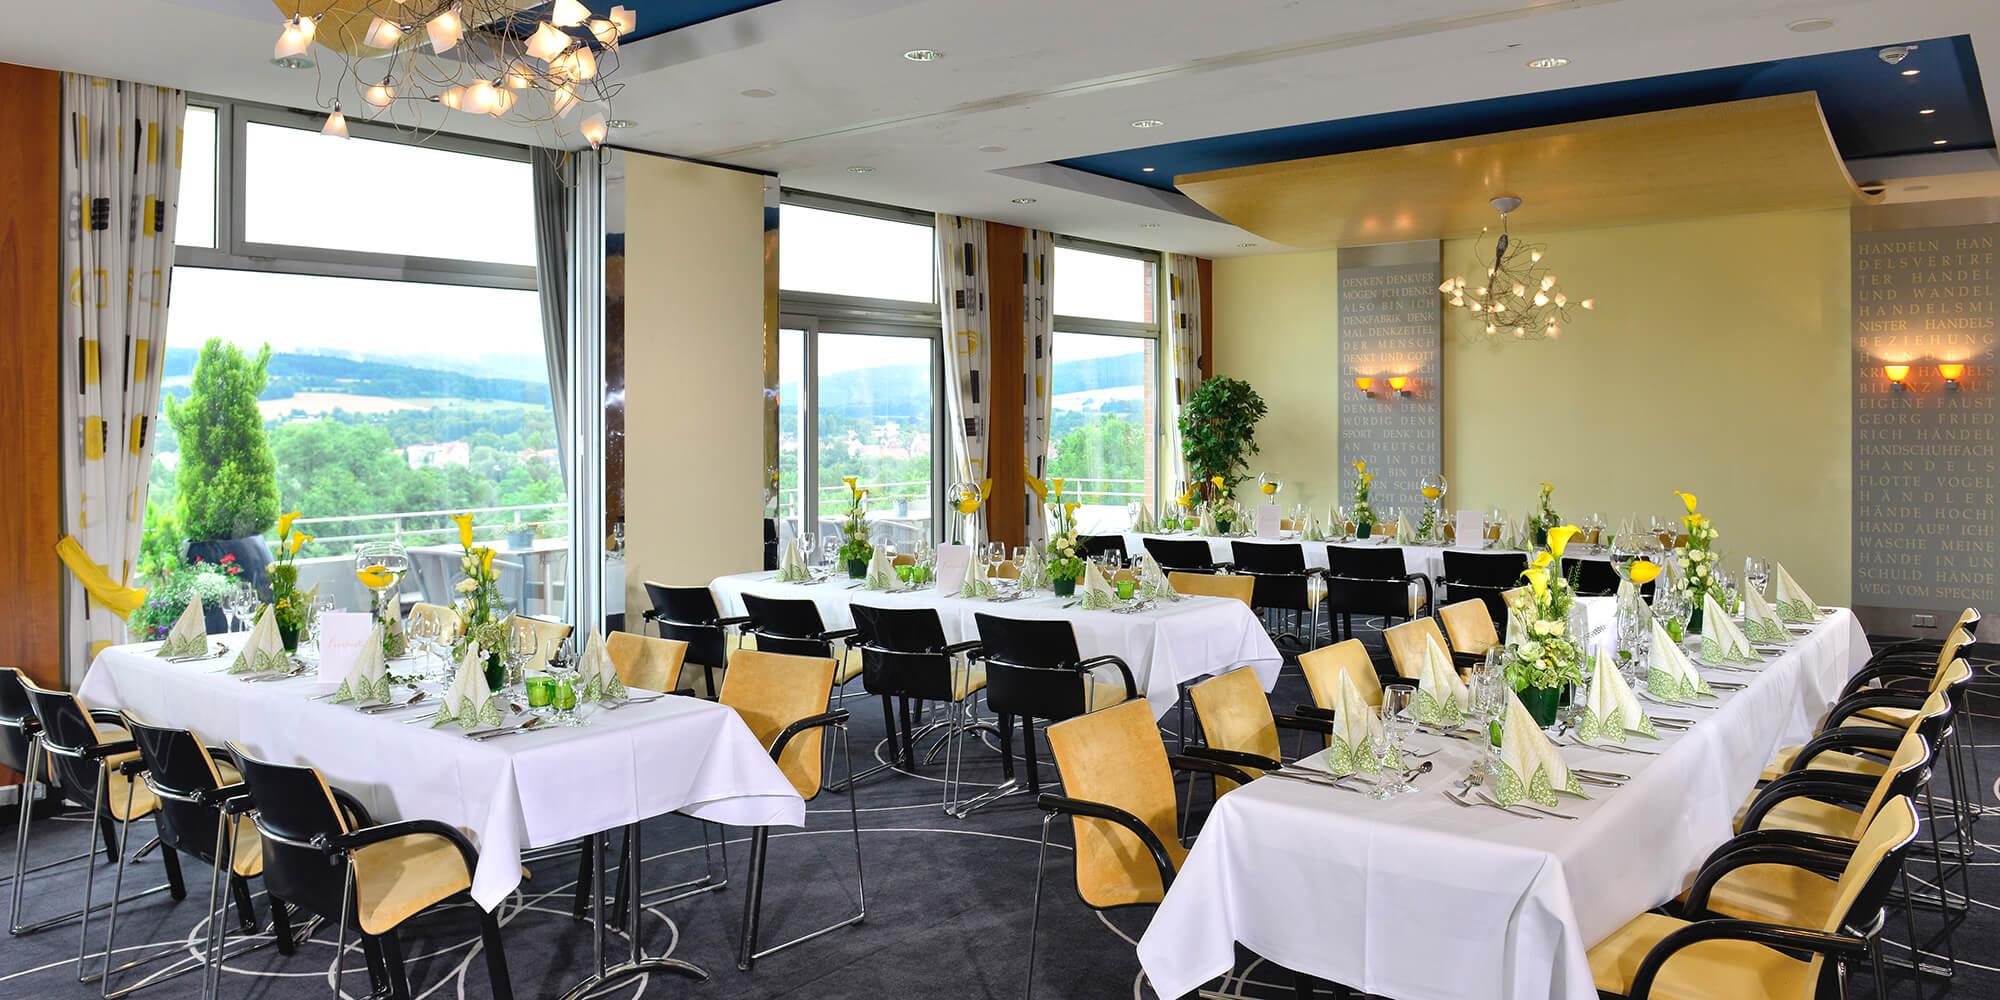 Feierraum Rhön-Spessart bis 60 Gäste